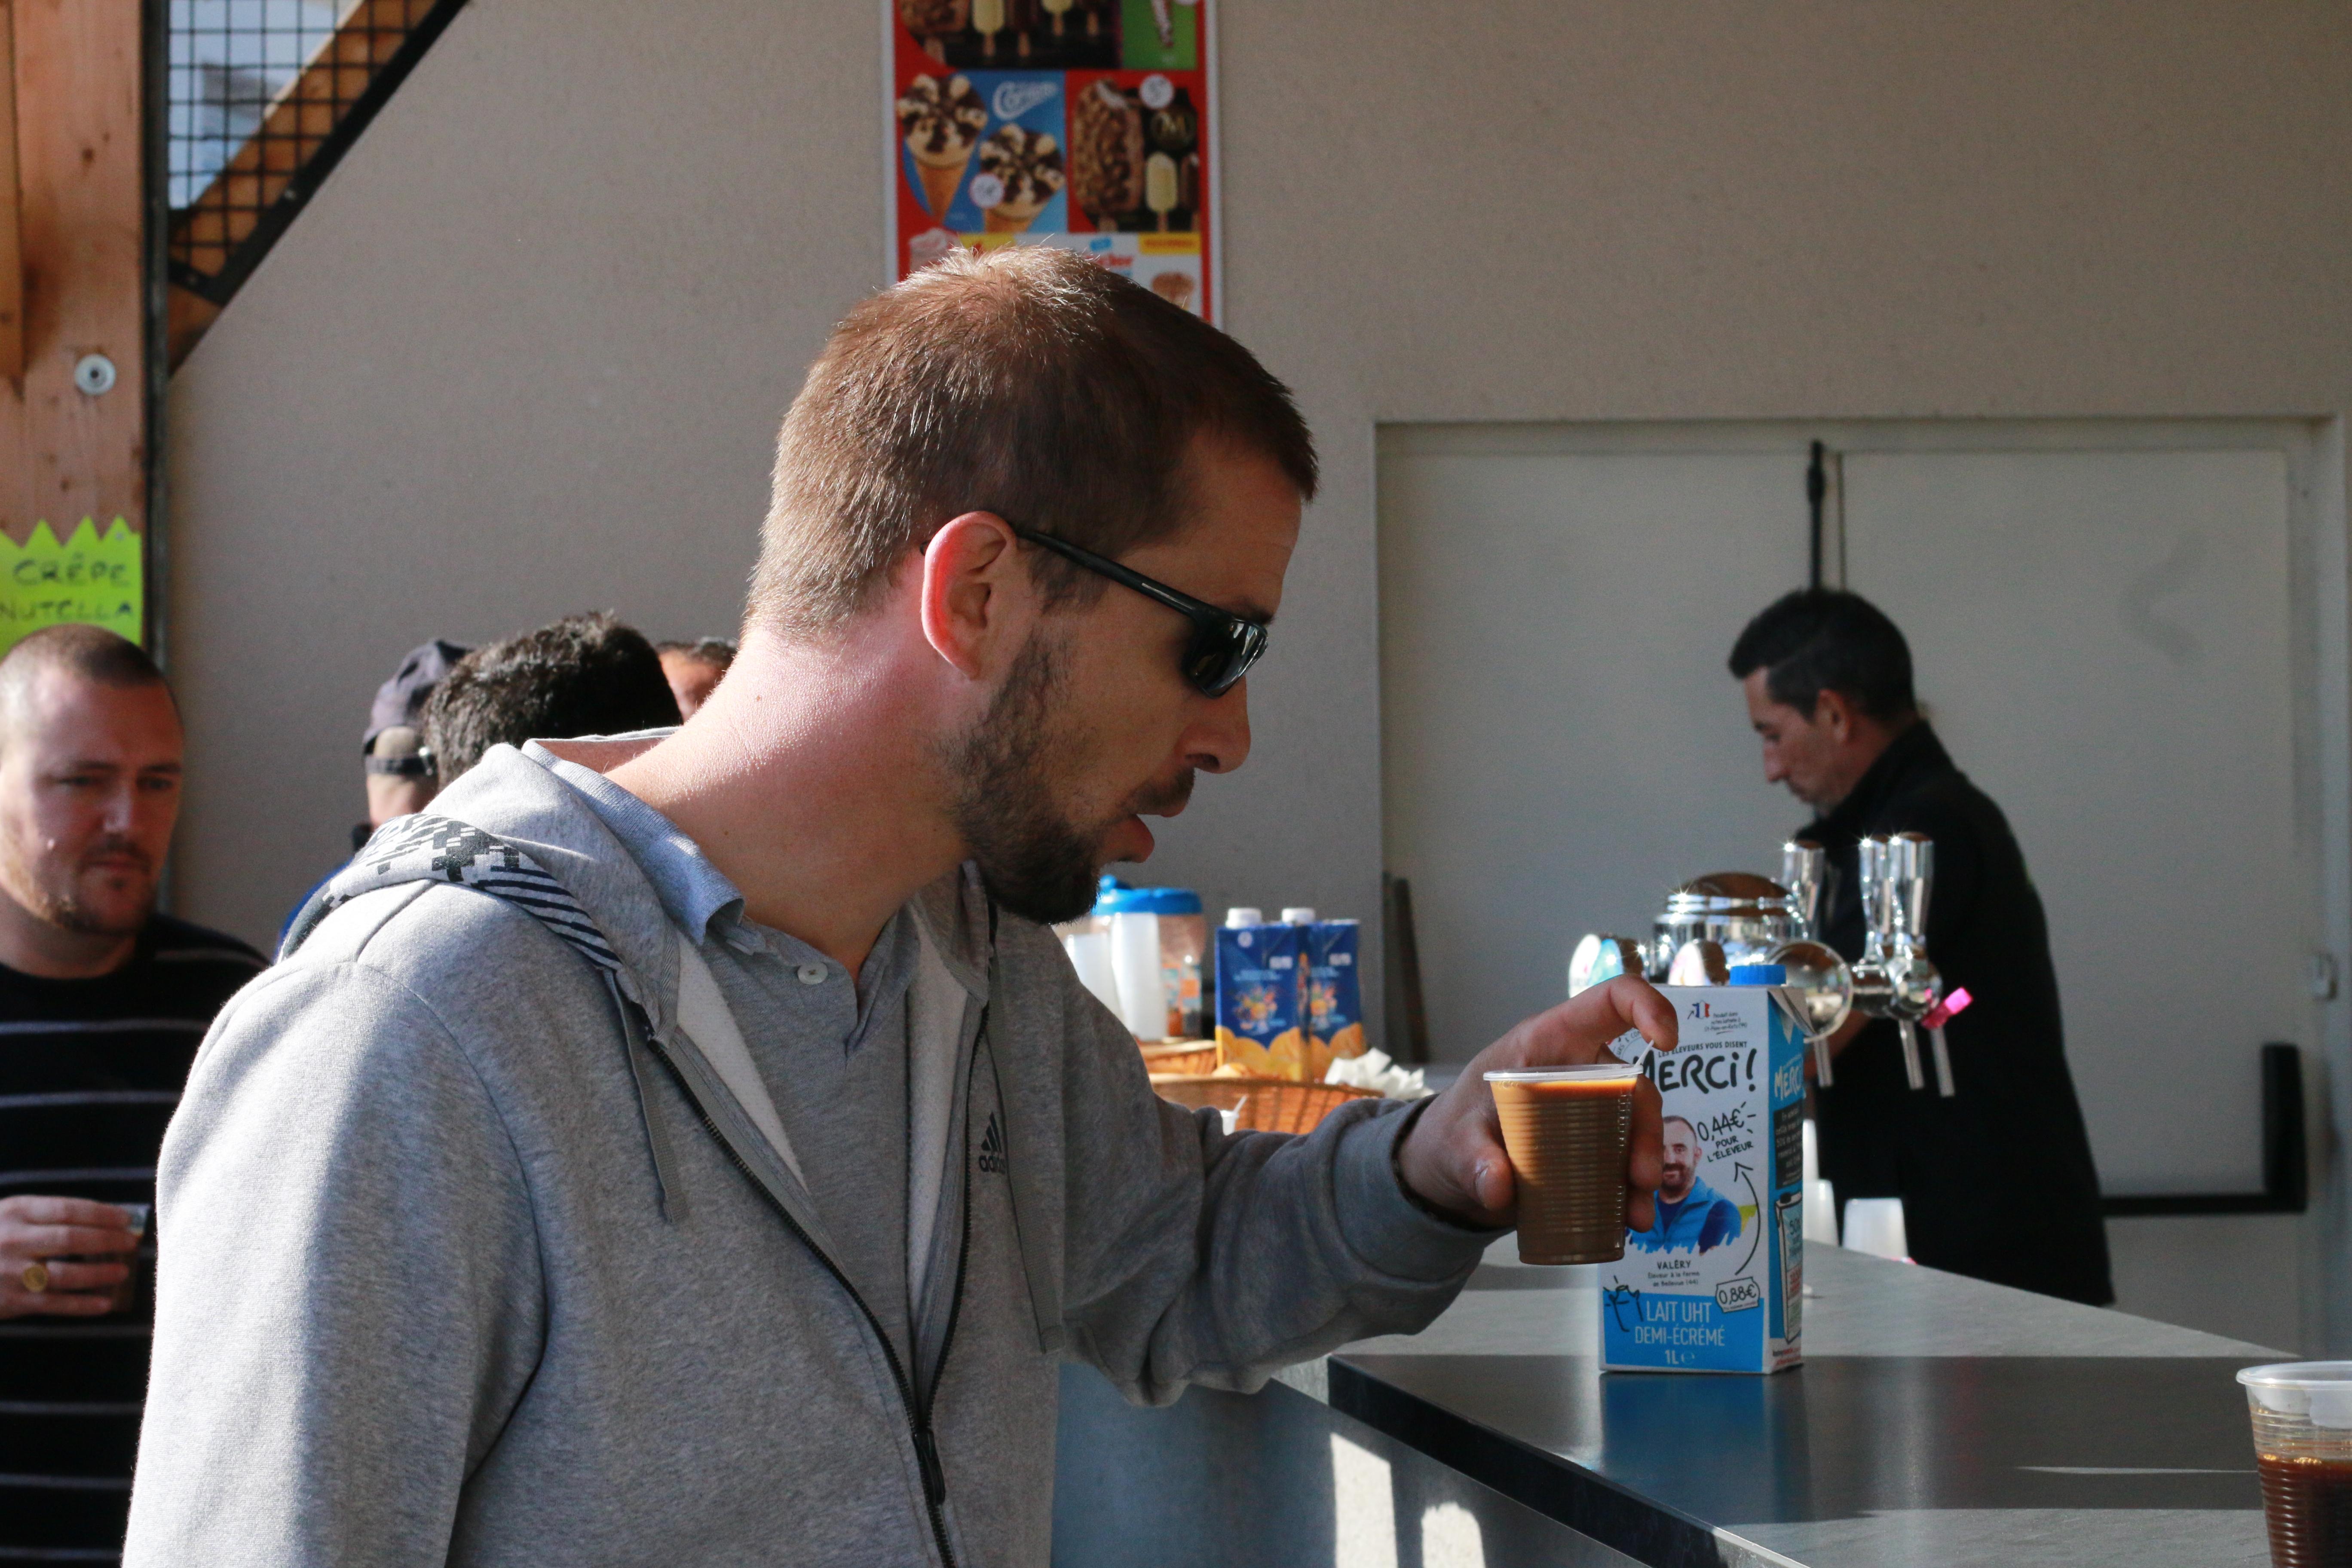 café ou café creme?